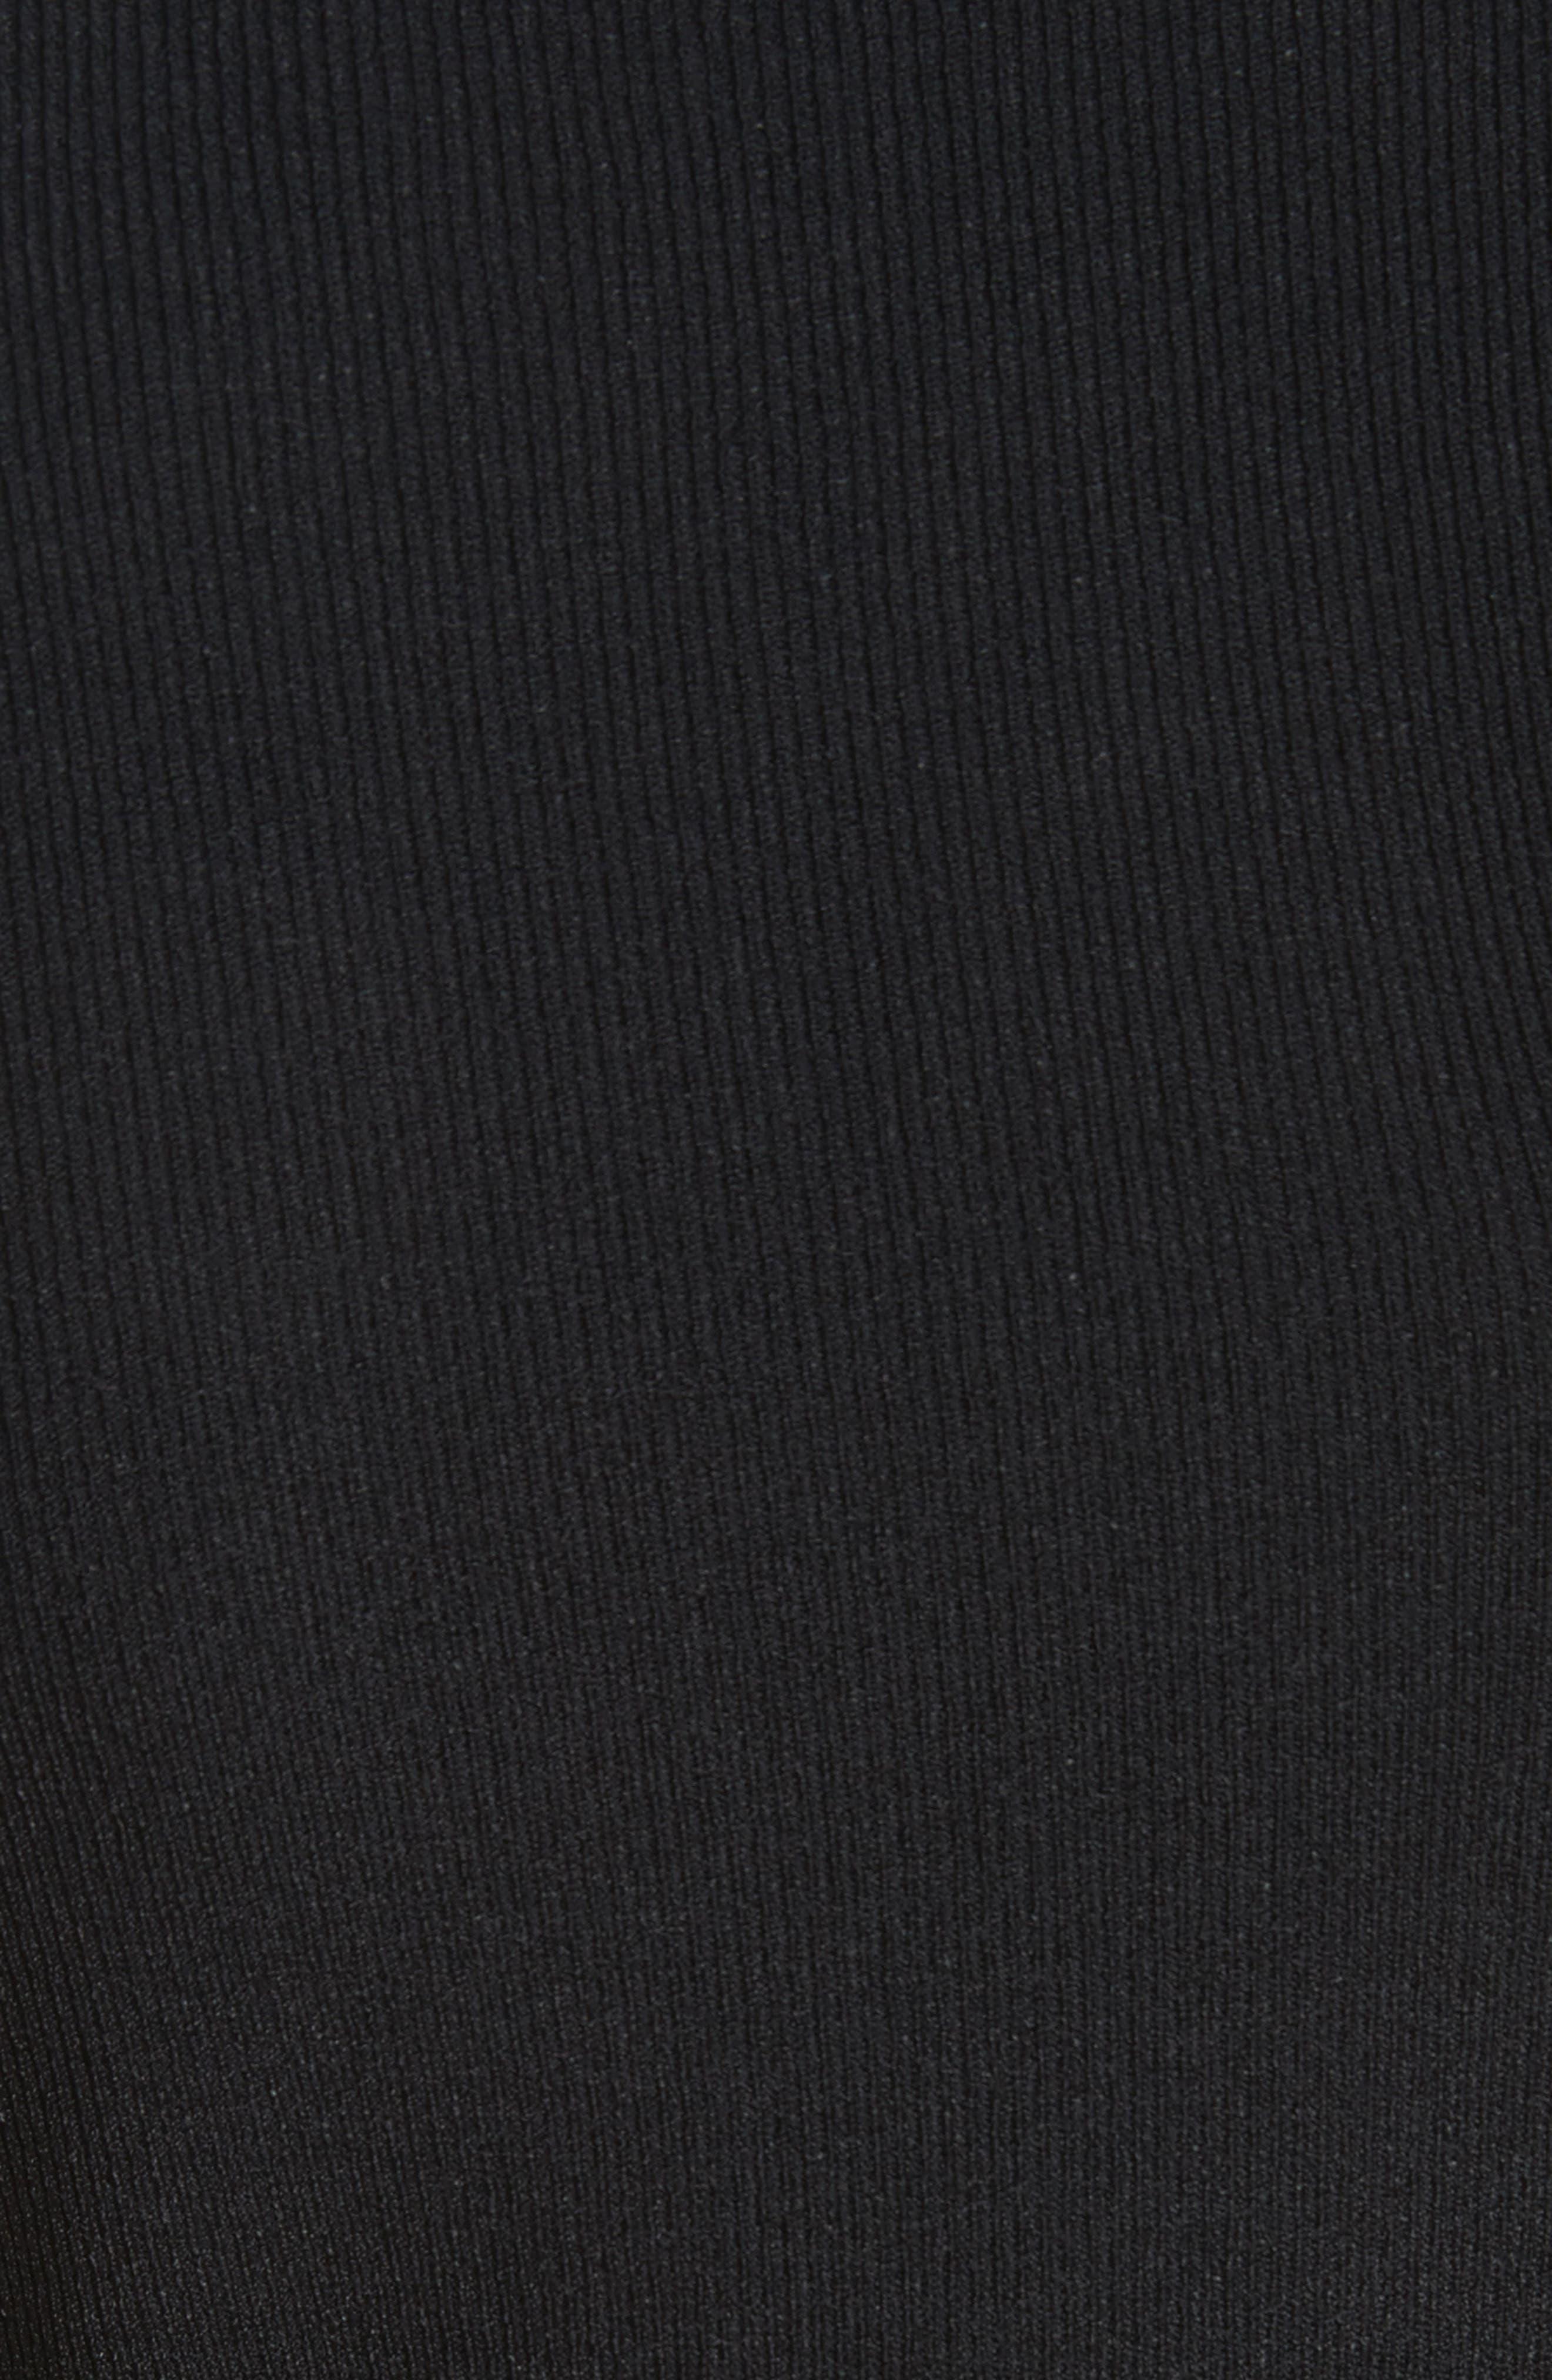 Slash Rib Knit Dress,                             Alternate thumbnail 5, color,                             Black